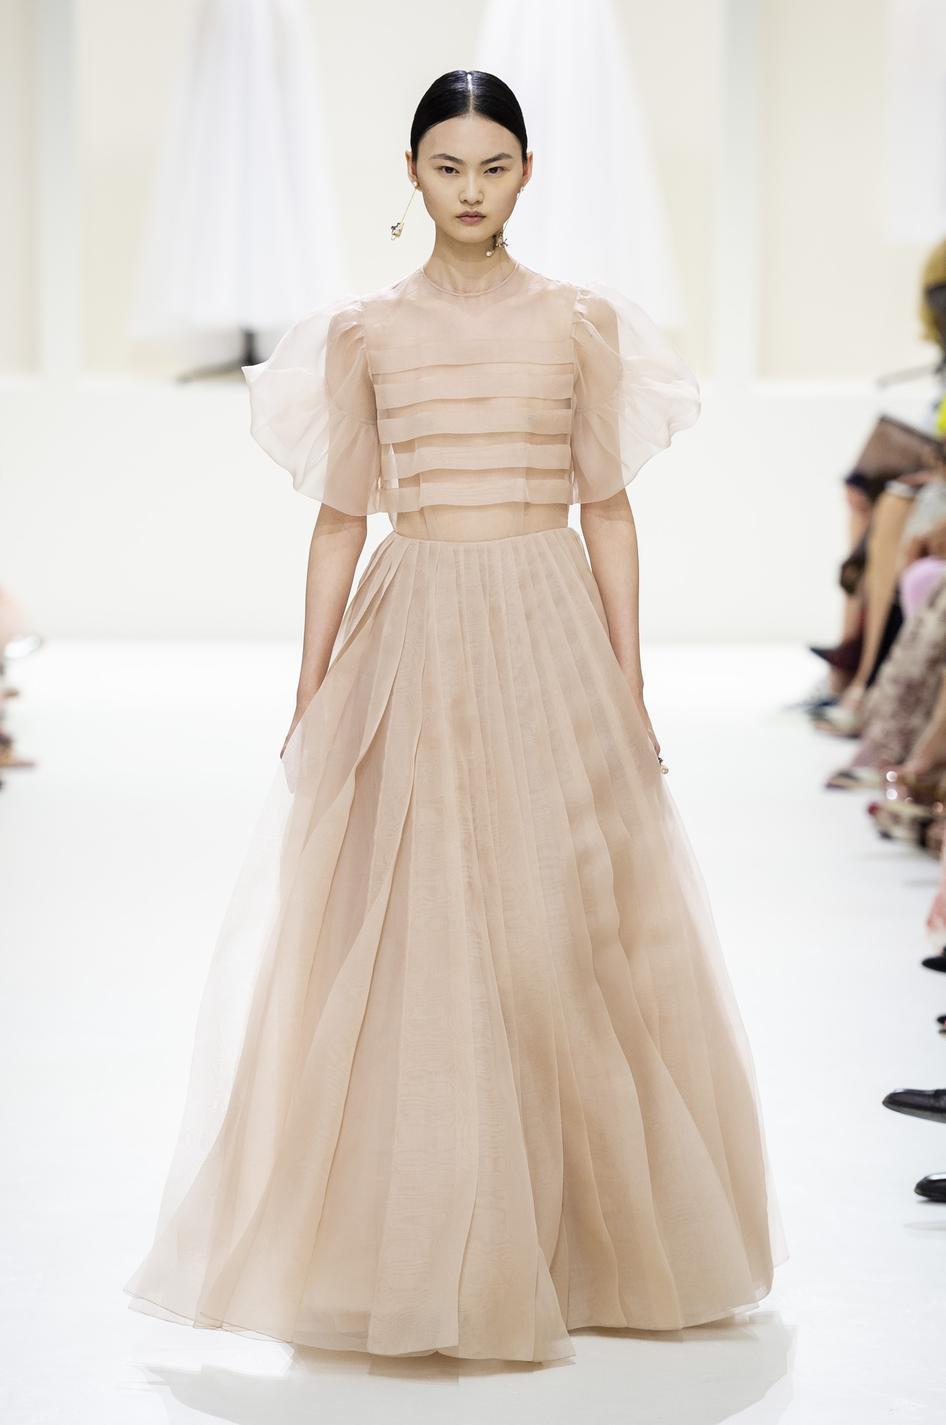 c3422f1018b ... Fashion Week haute couture automne-hiver 2018-2019 - Chanel Les robes  de rêves repérées à la Fashion Week haute couture automne-hiver 2018-2019 -  Chanel ...